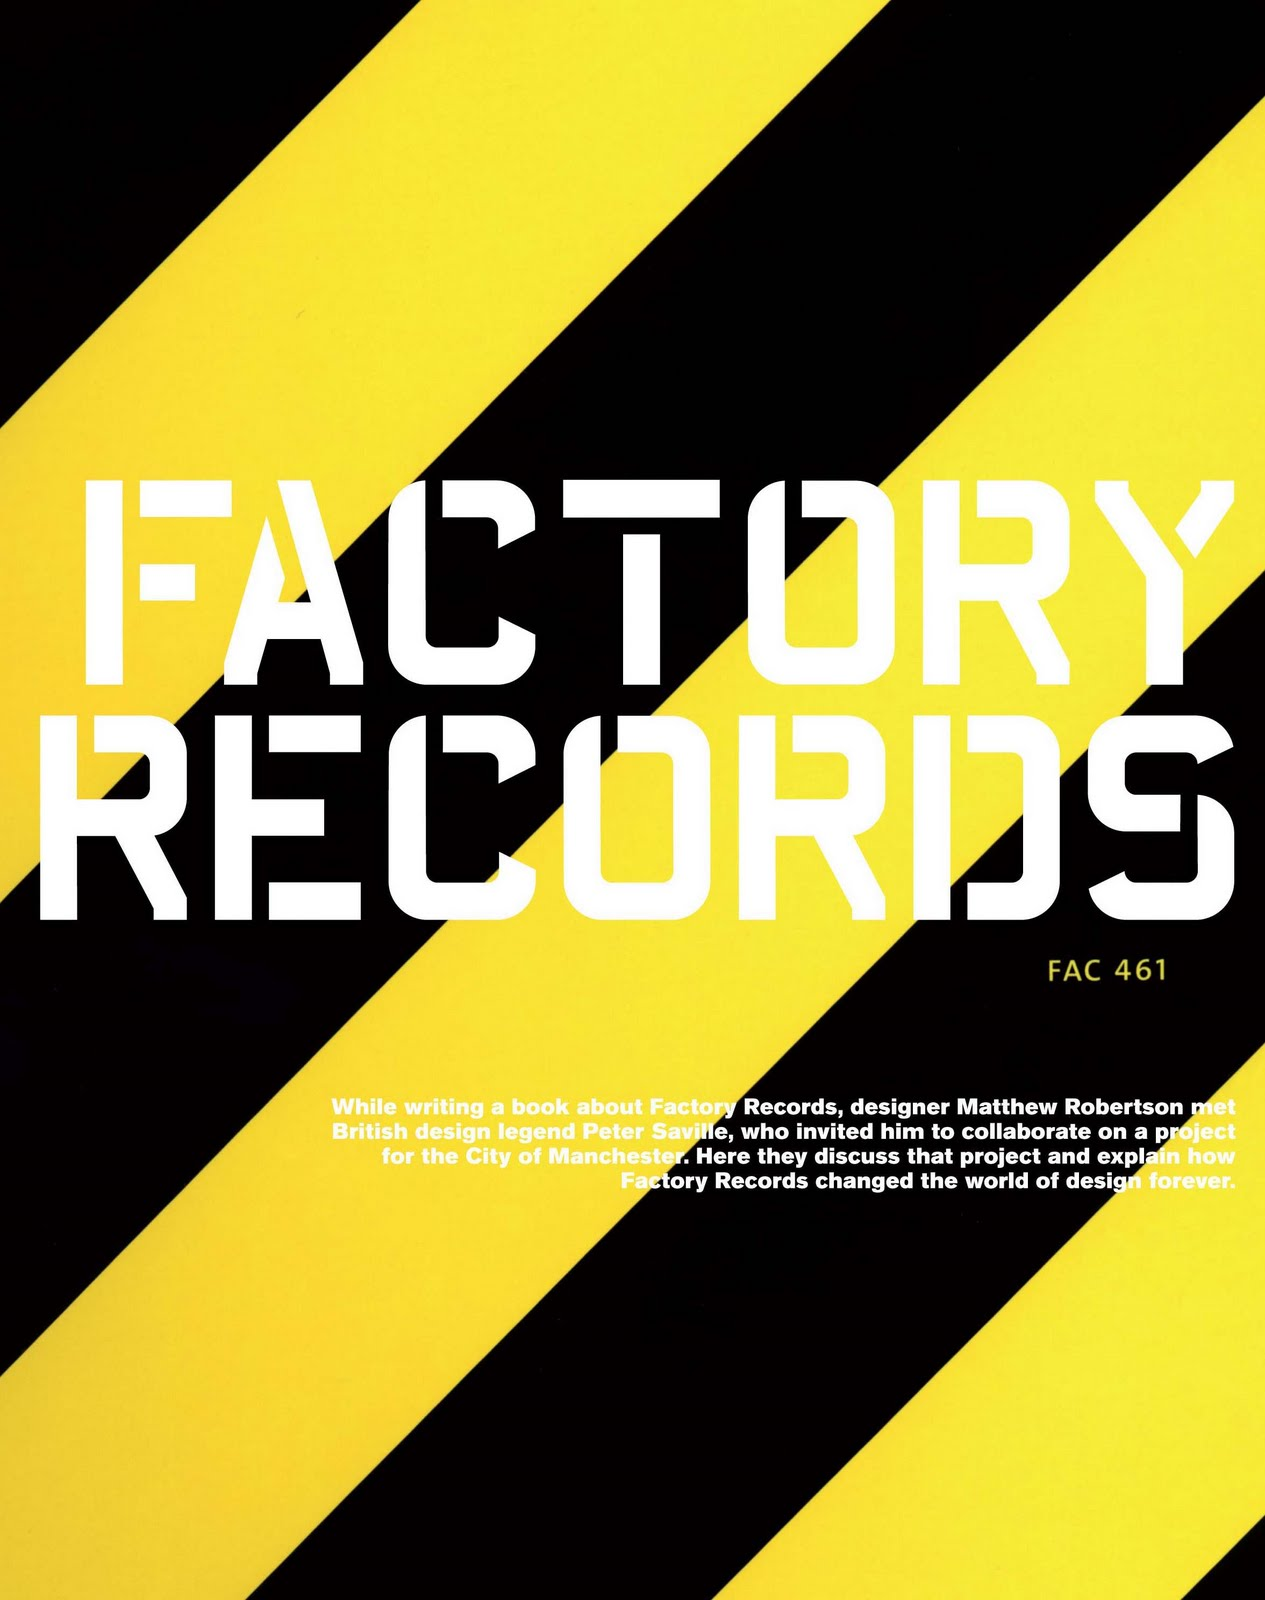 Музыкальные плакаты Питера Сэвилла для Factory Records - Фото 1